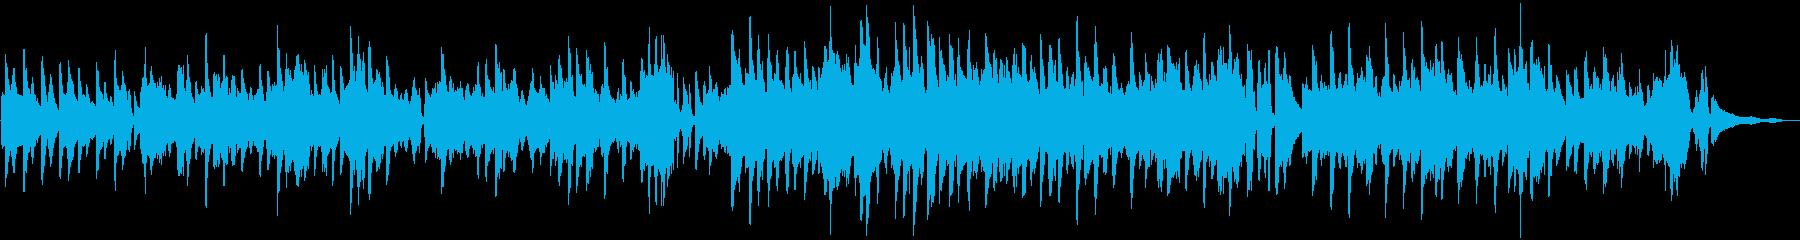 おしゃれで明るいスウィング フィドルの再生済みの波形